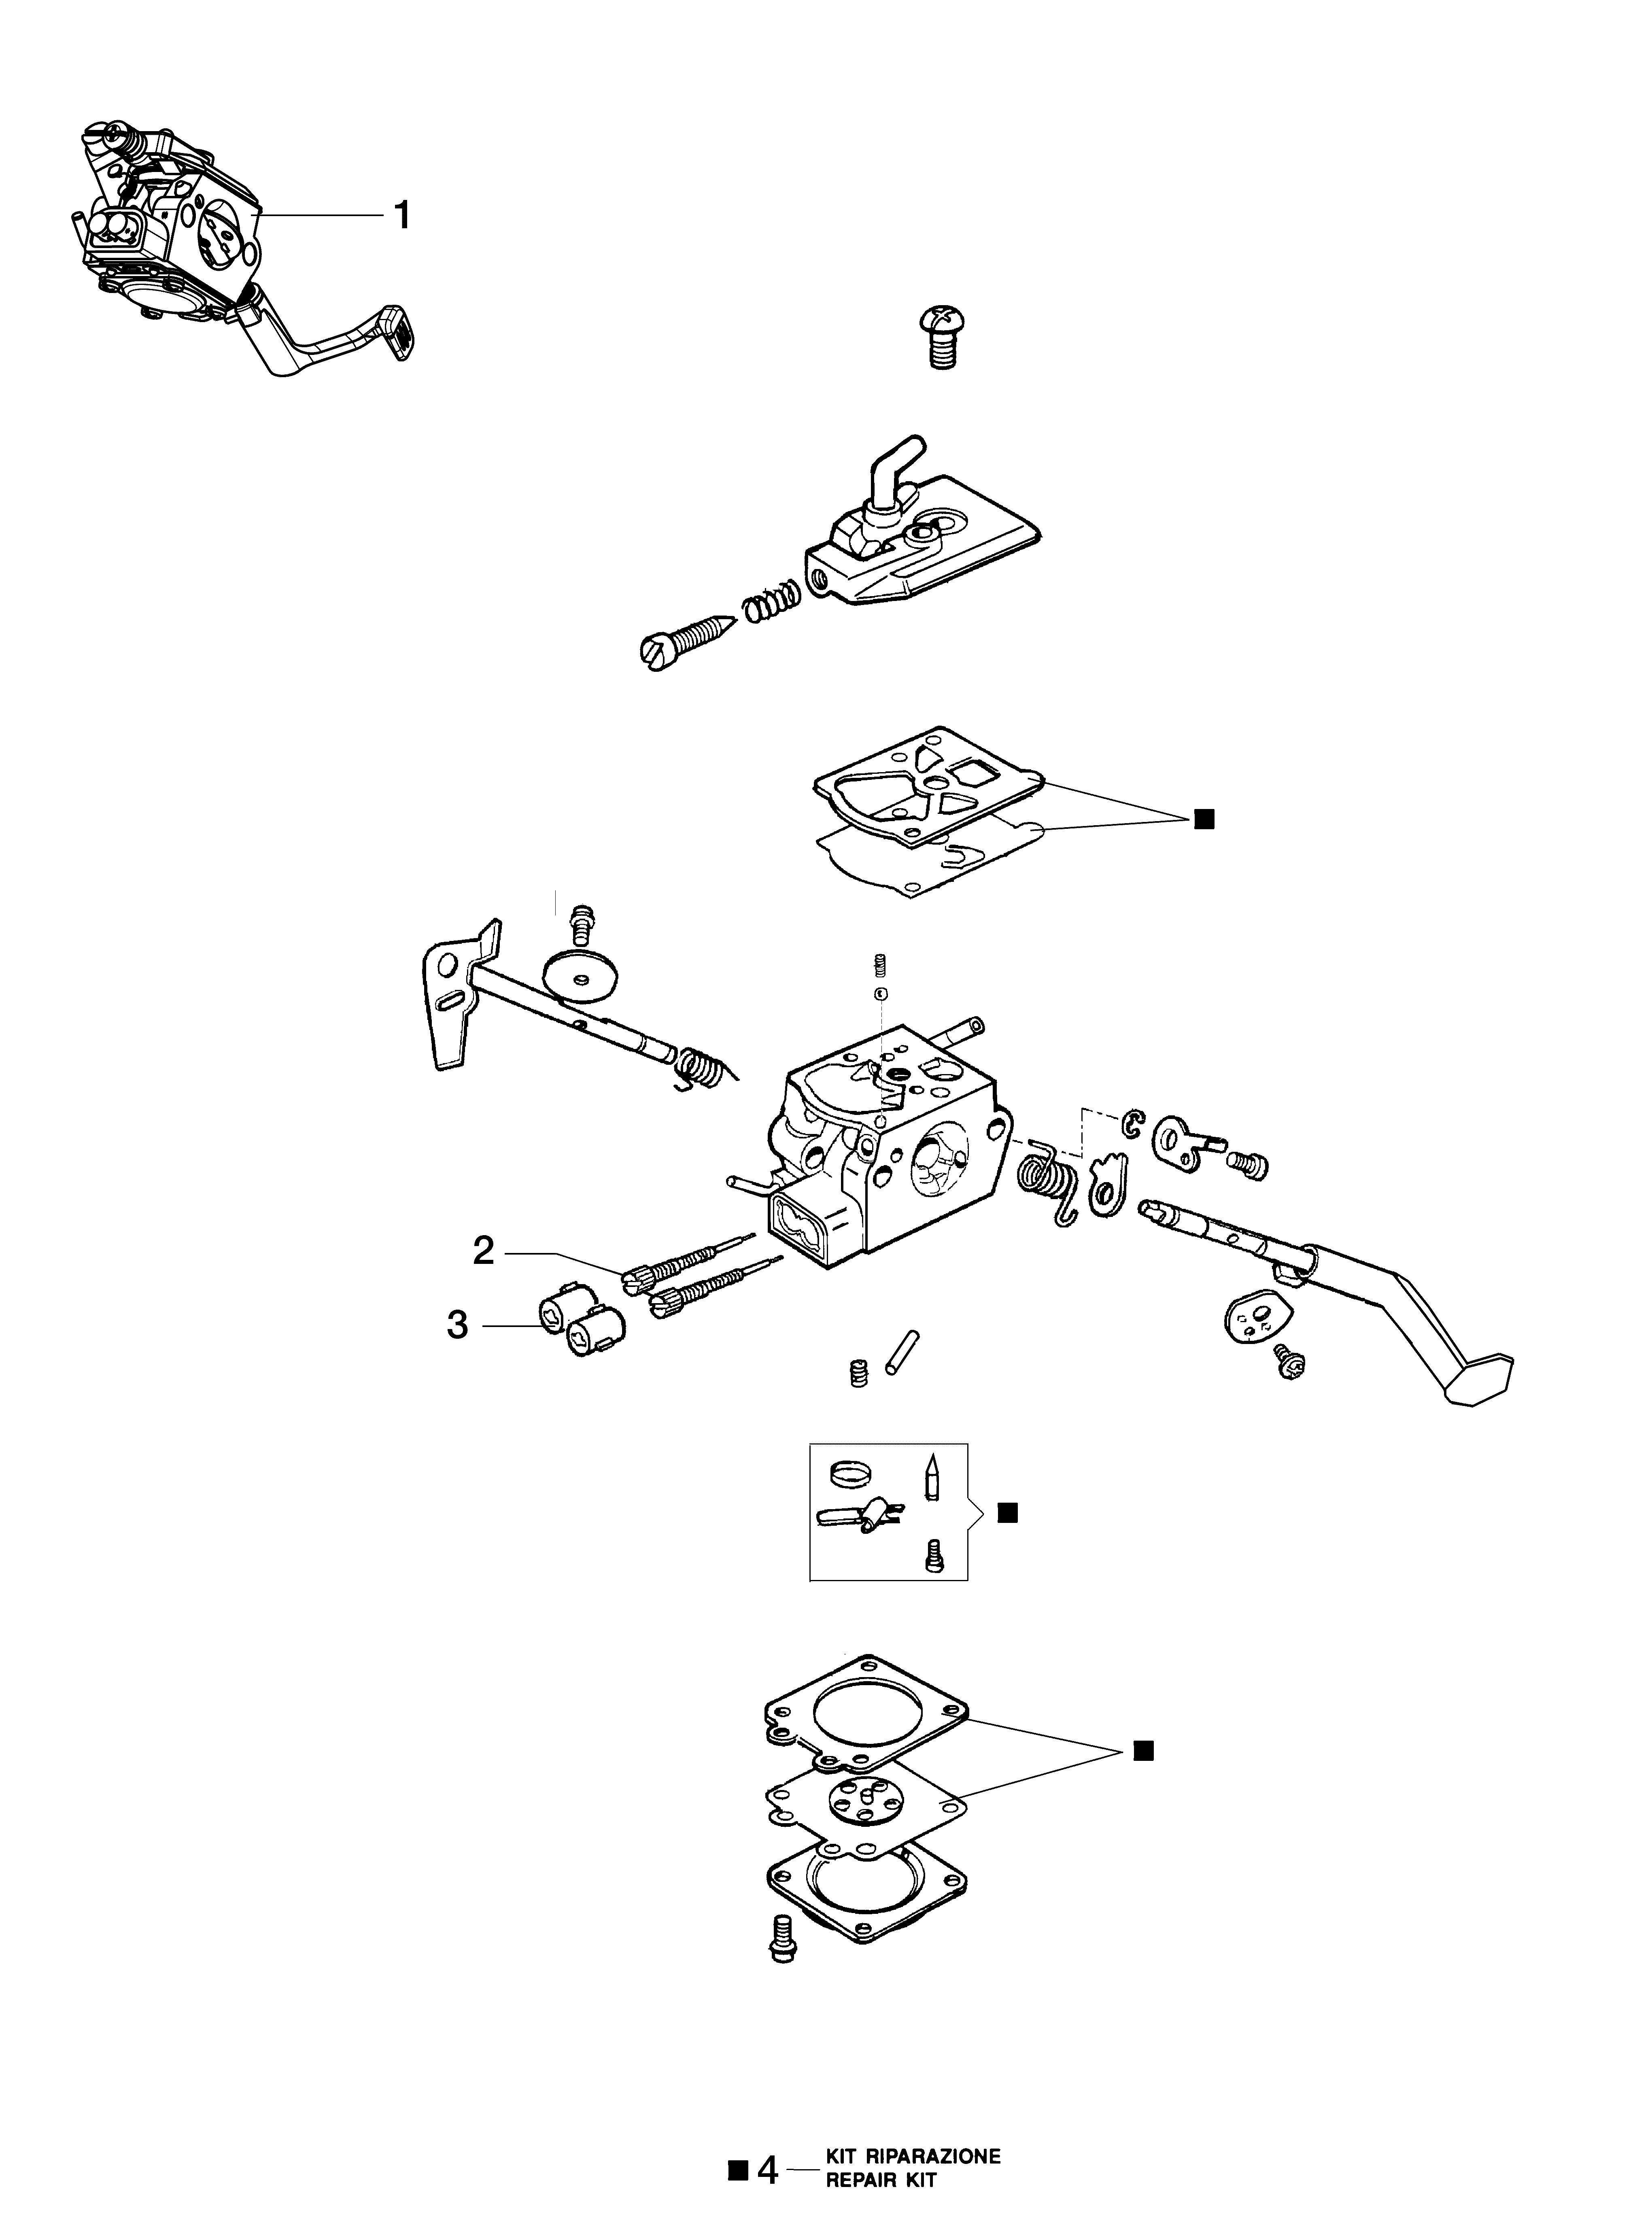 BC 240 T (EURO 2) Débroussailleuse oleomac Dessins pièces vue éclatée Carburateur